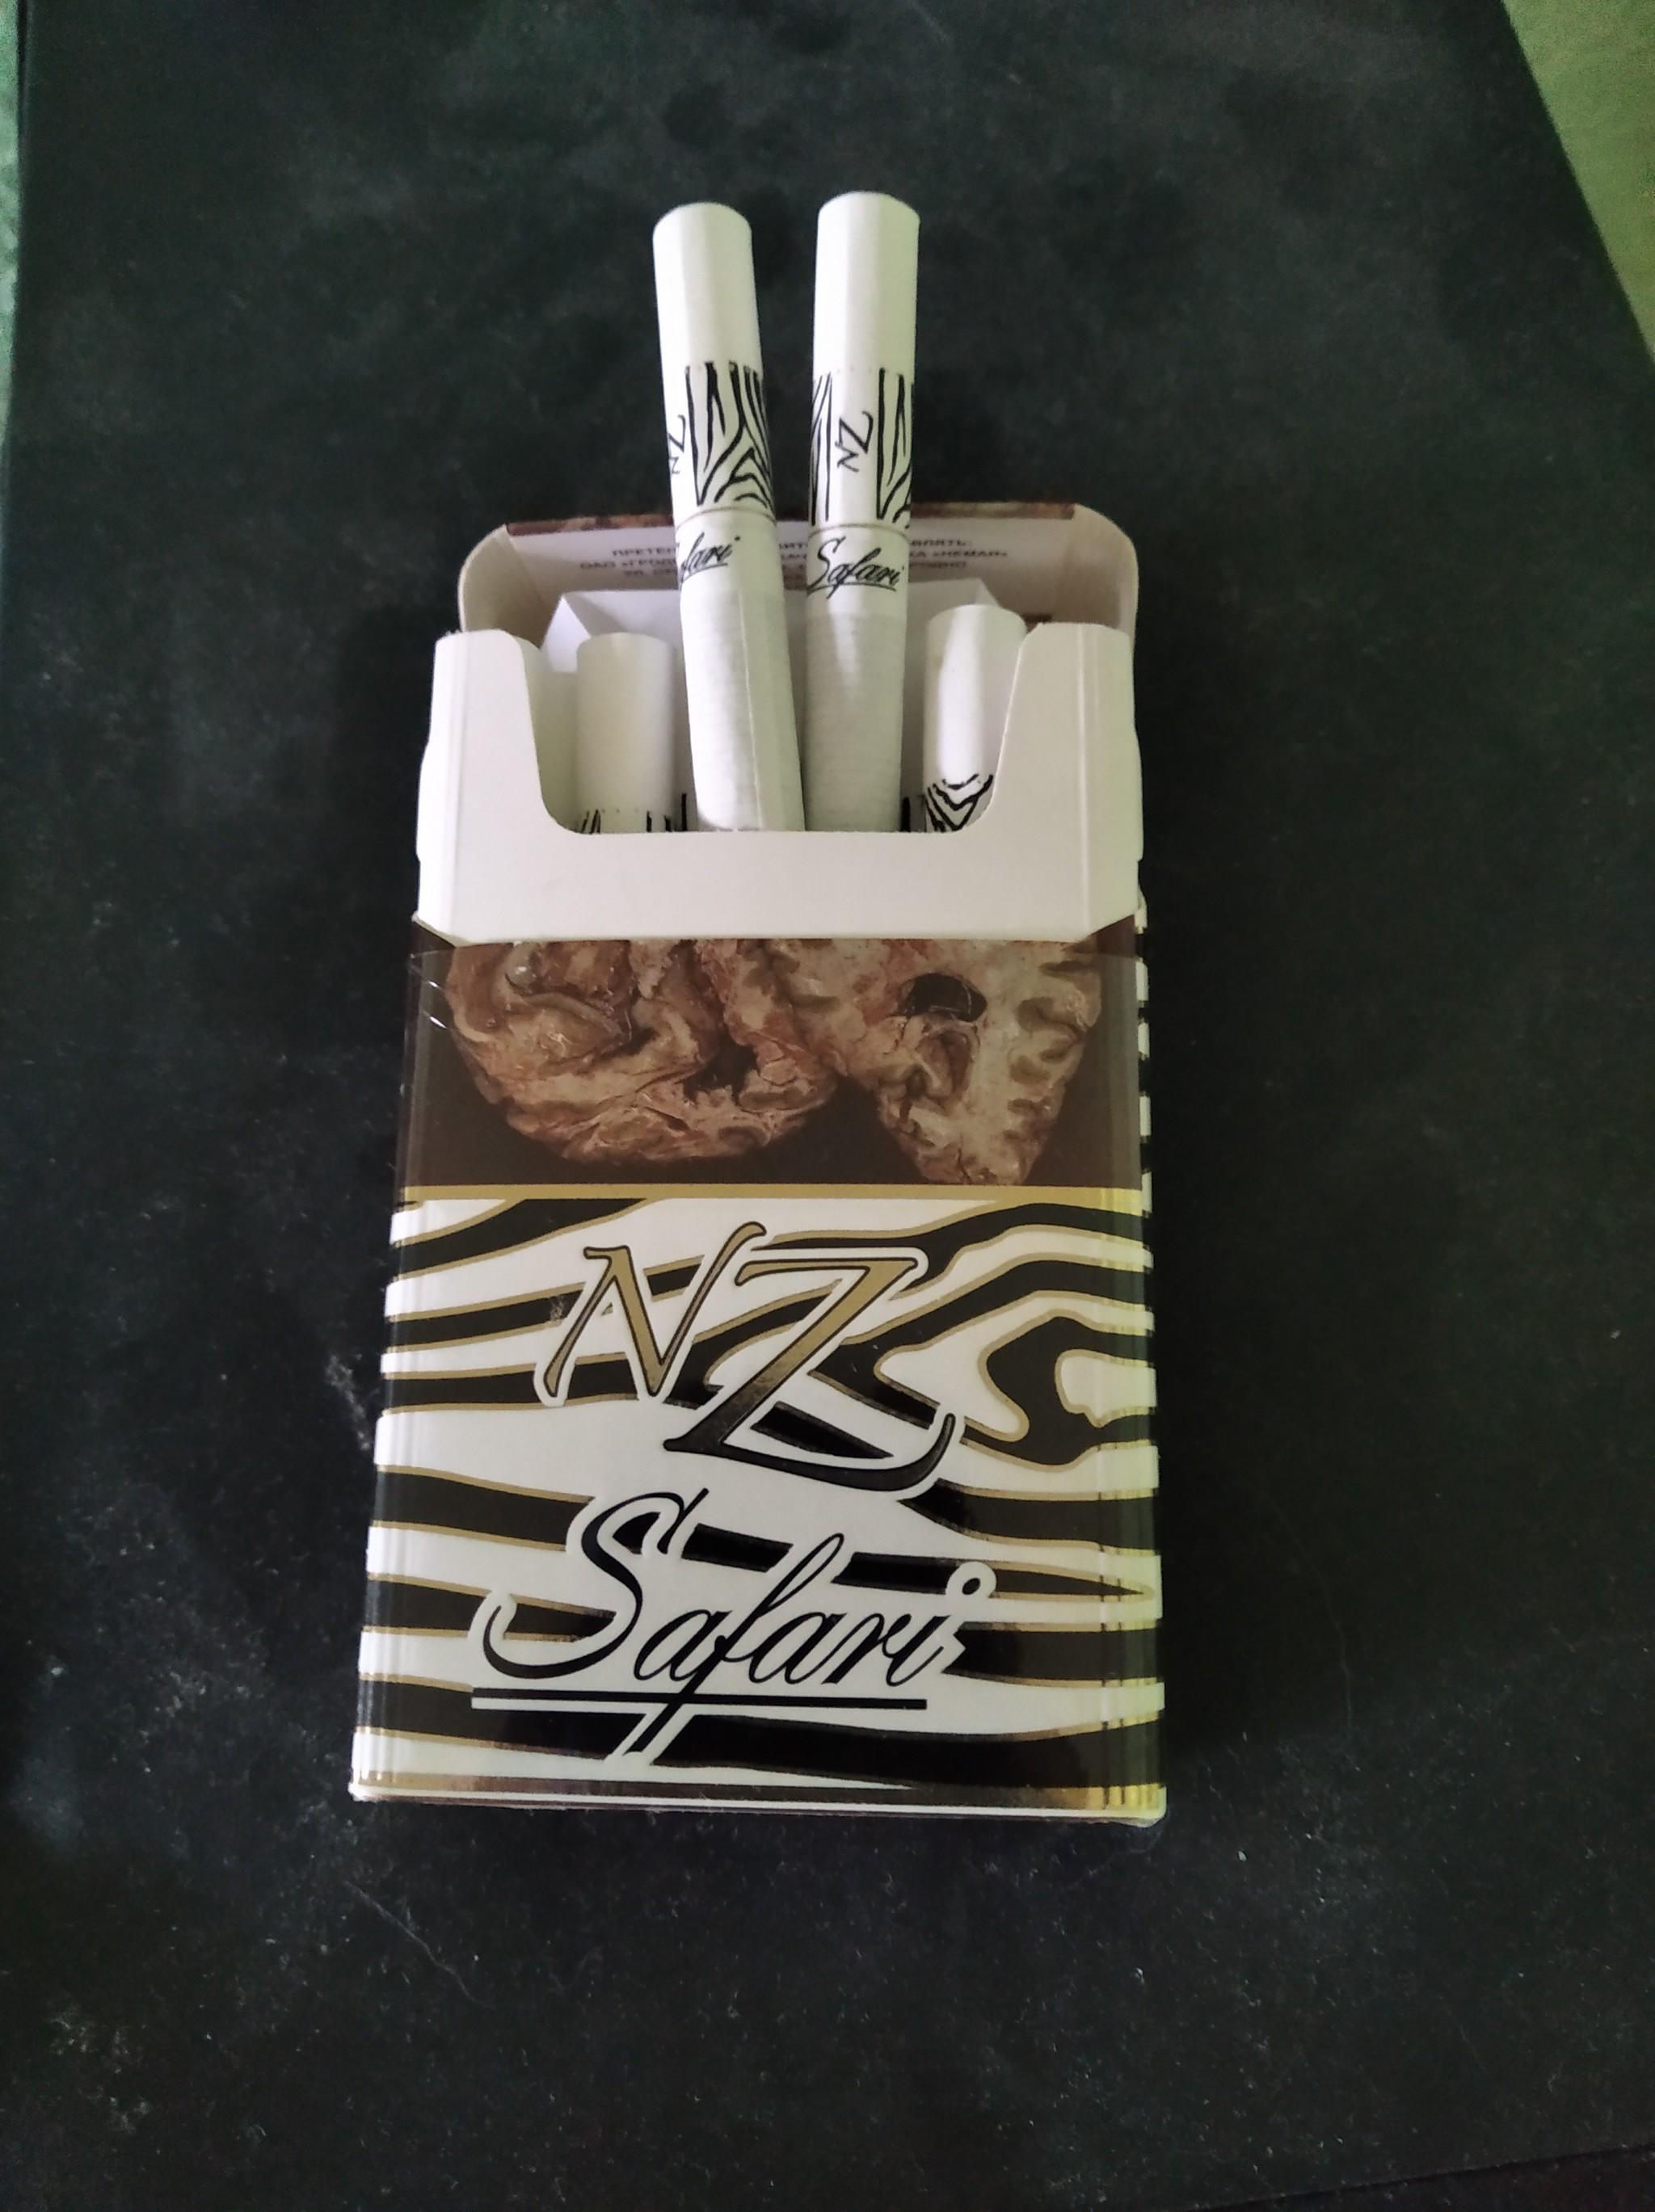 Сигареты nz safari купить в кубинские сигареты купить upmann